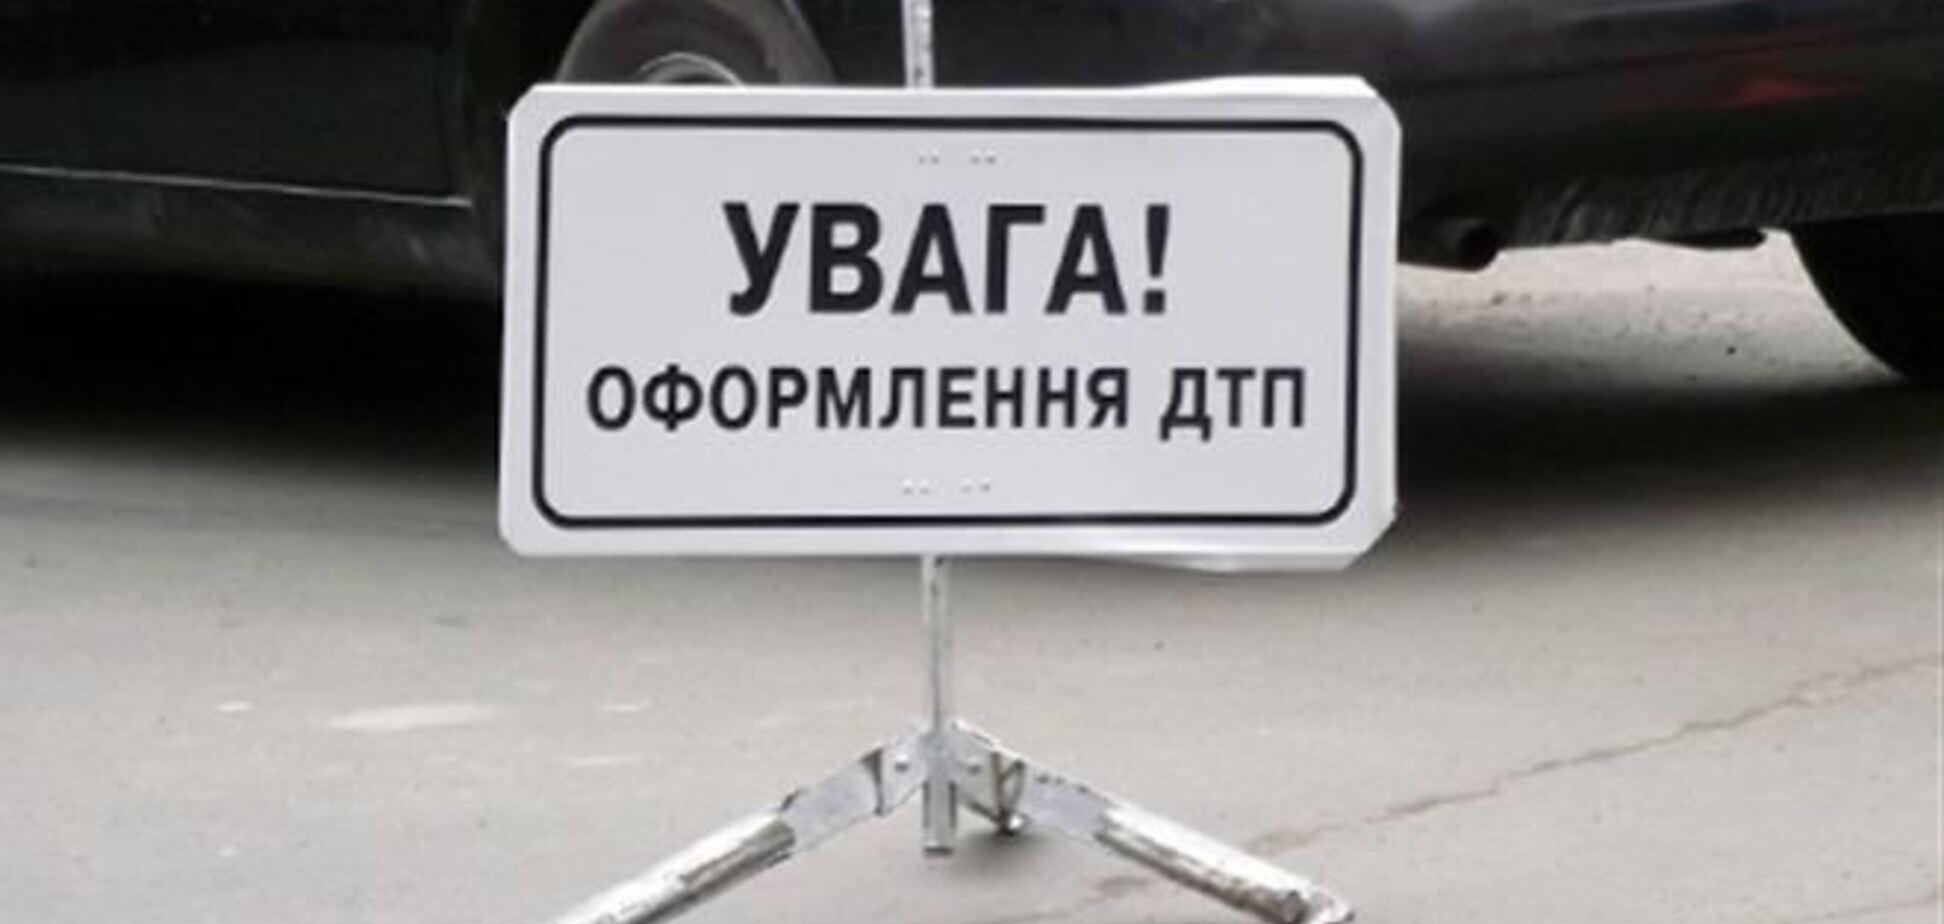 ЕСПЧ признал, что в Украине неэффективно расследуют ДТП